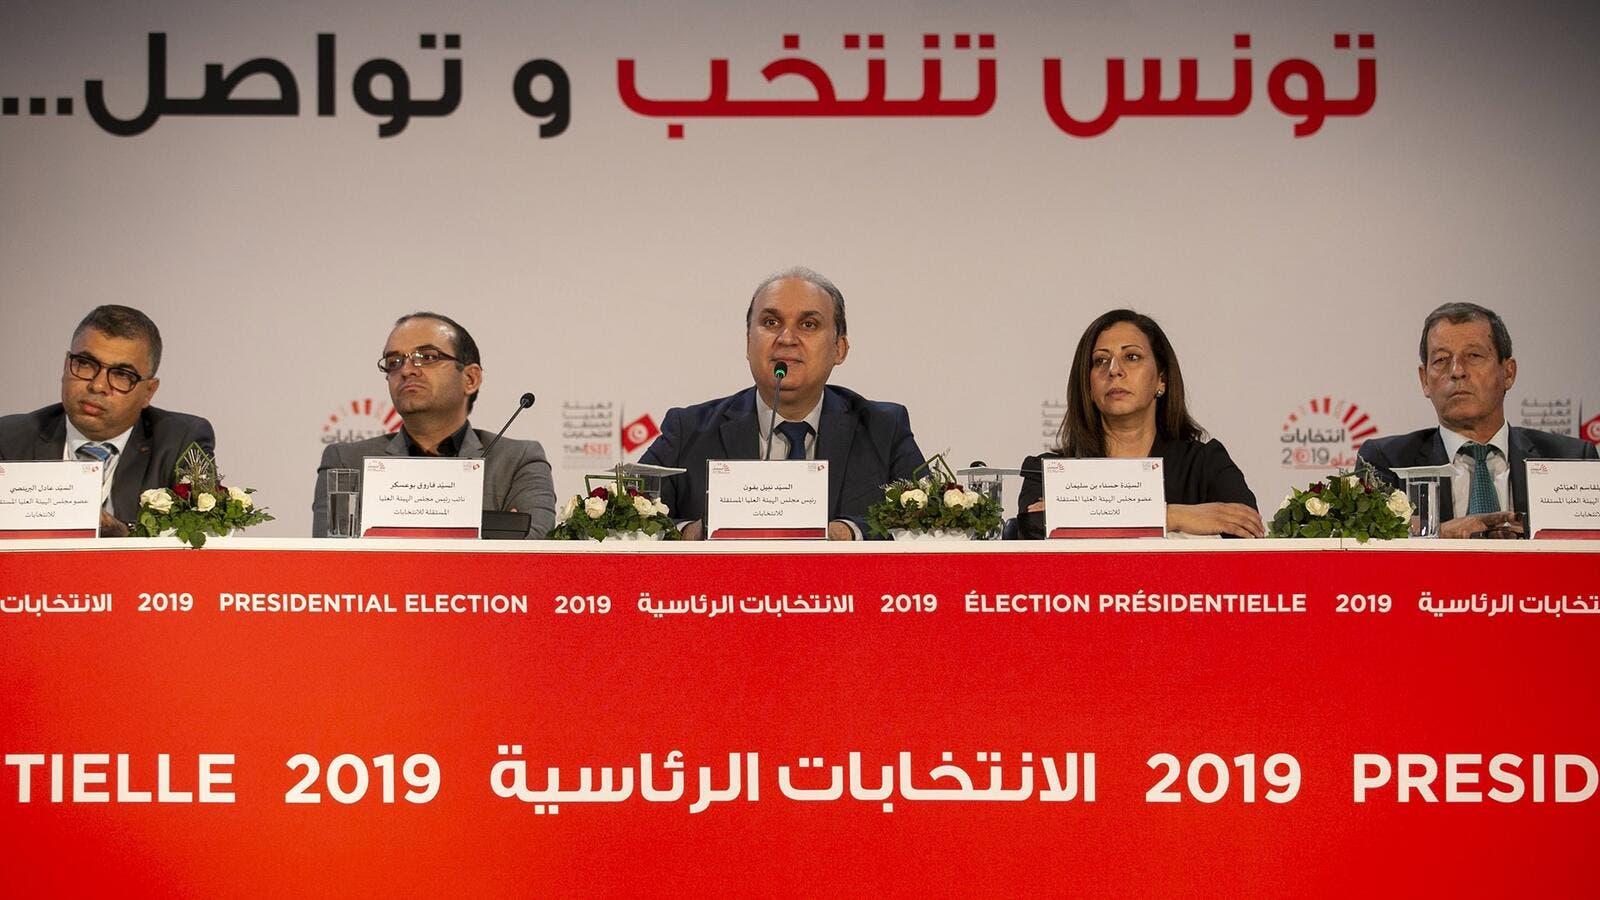 رسميا.. سعيّد والقروي الى الدور الثاني من انتخابات الرئاسة التونسية